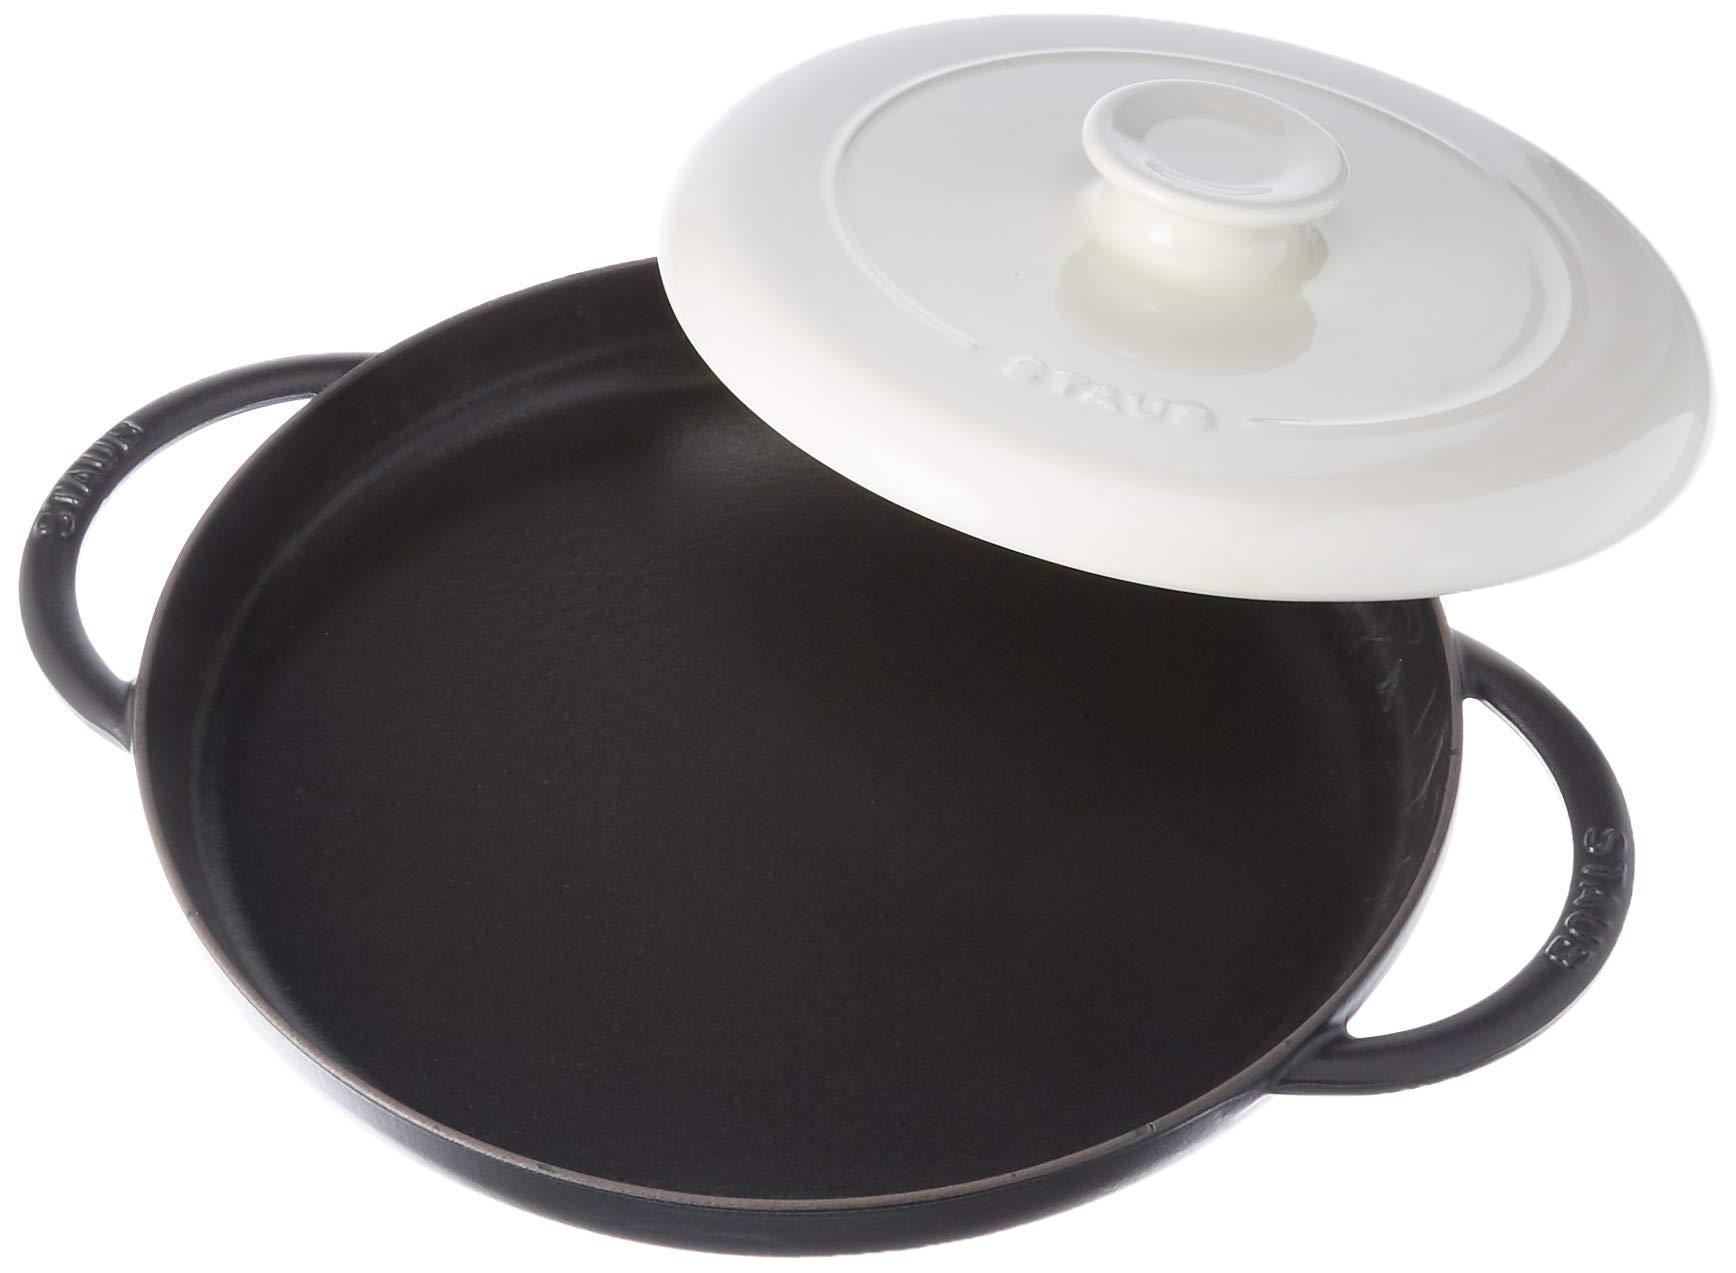 Staub 40508-550 Cast Iron Chicken al Mattone Griddle & Press Set 12-inch Matte Black